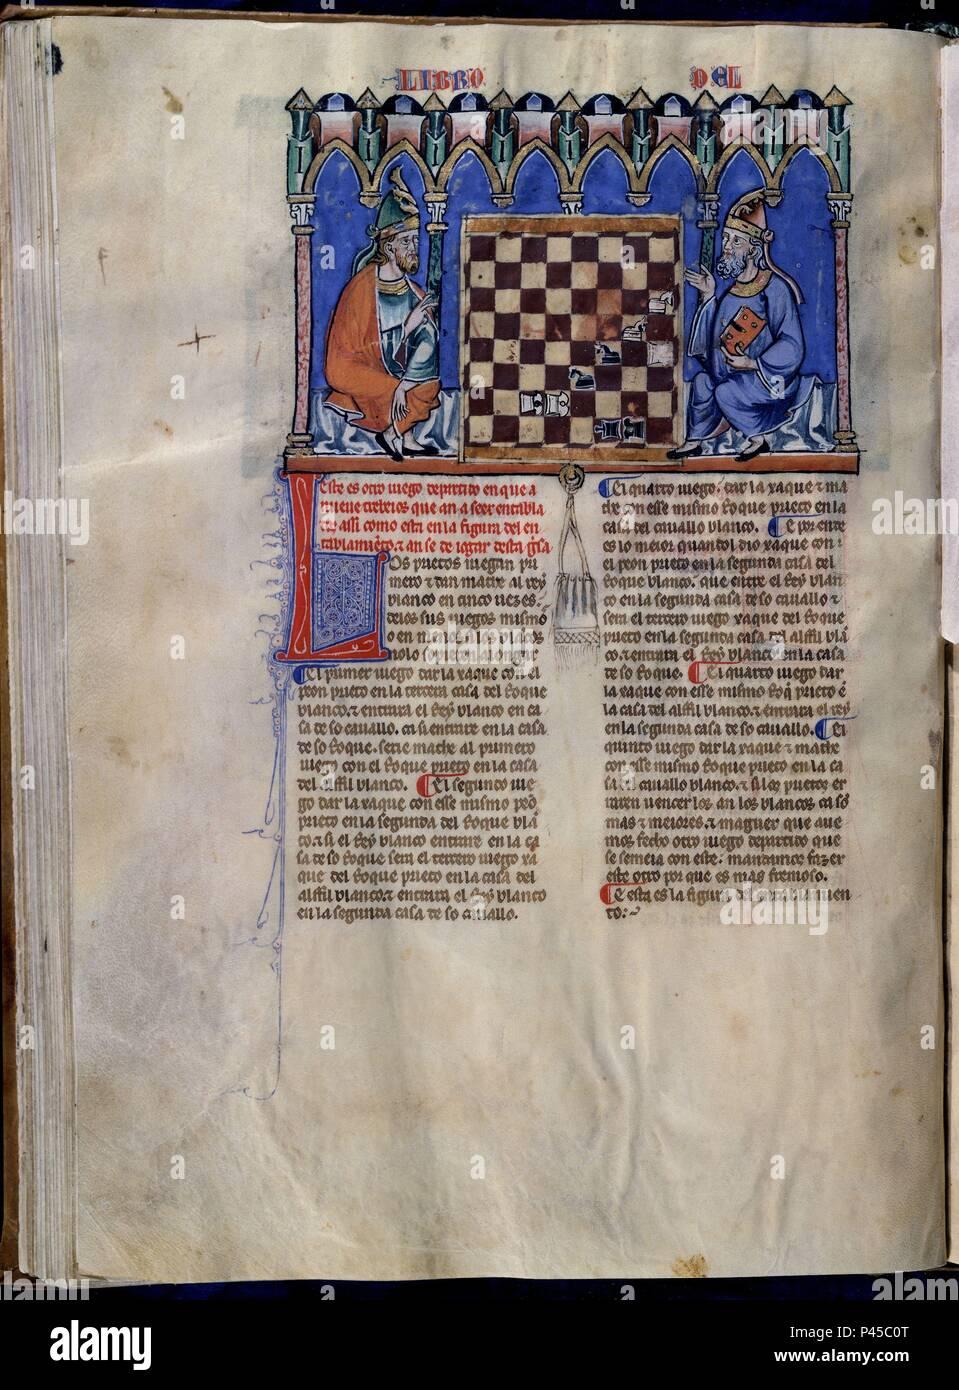 LIBRO DE JUEGOS O LIBRO DEL AJEDREZ DADOS Y TABLAS - 1283 - FOLIO 43V - DOS HOMBRES JUGANDO AL AJEDREZ - MANUSCRITO GOTICO. Author: Alfonso X of Castile the Wise (1221-1284). Location: MONASTERIO-BIBLIOTECA-COLECCION, SAN LORENZO DEL ESCORIAL, MADRID, SPAIN. - Stock Image